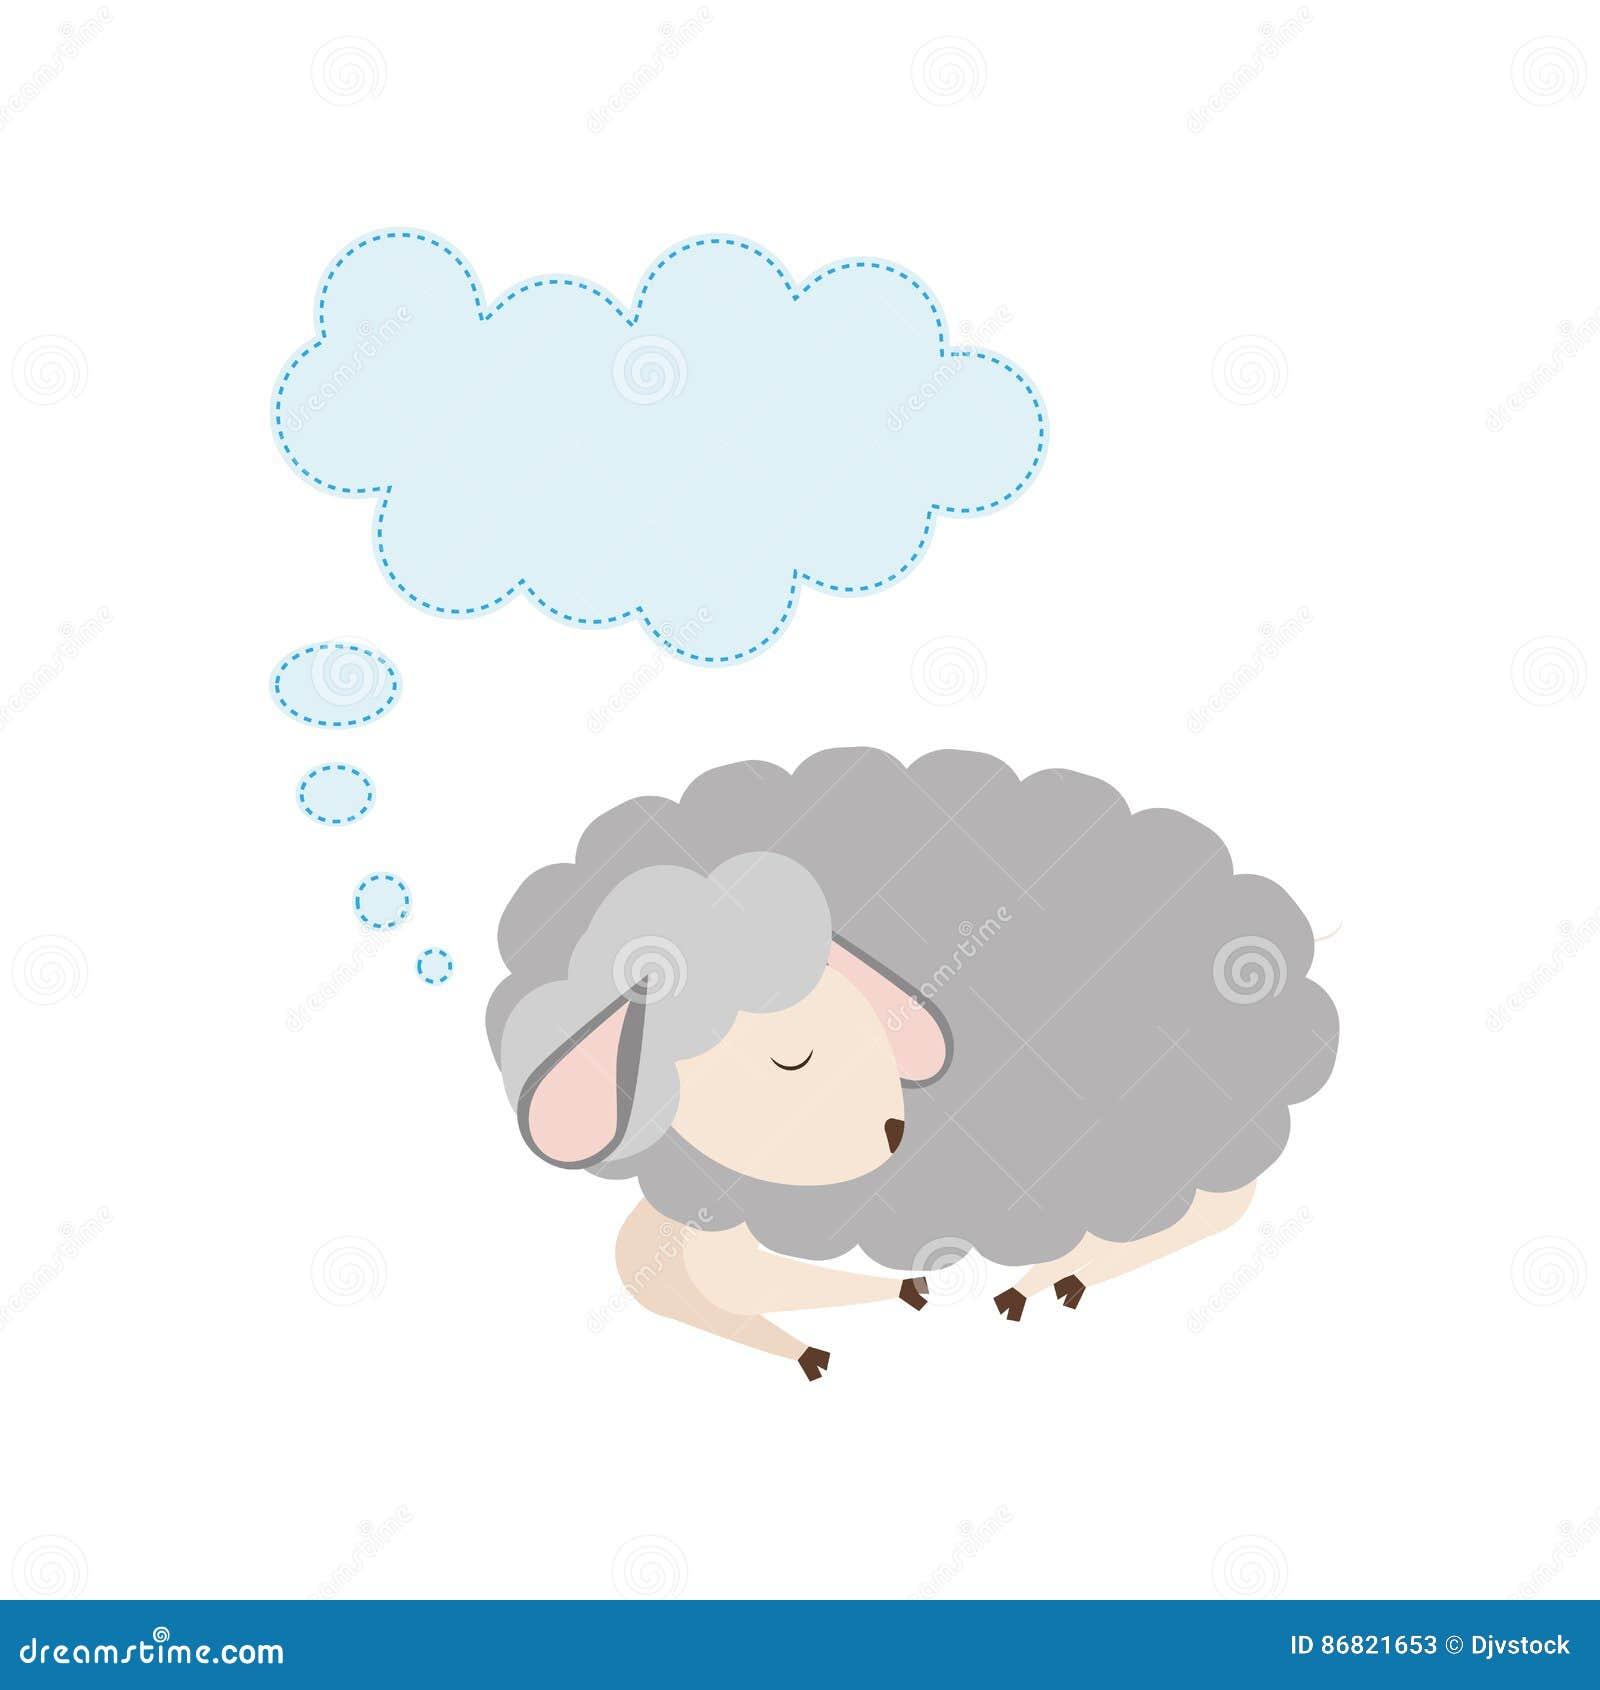 боксер, барашек спит картинка дизайнеры